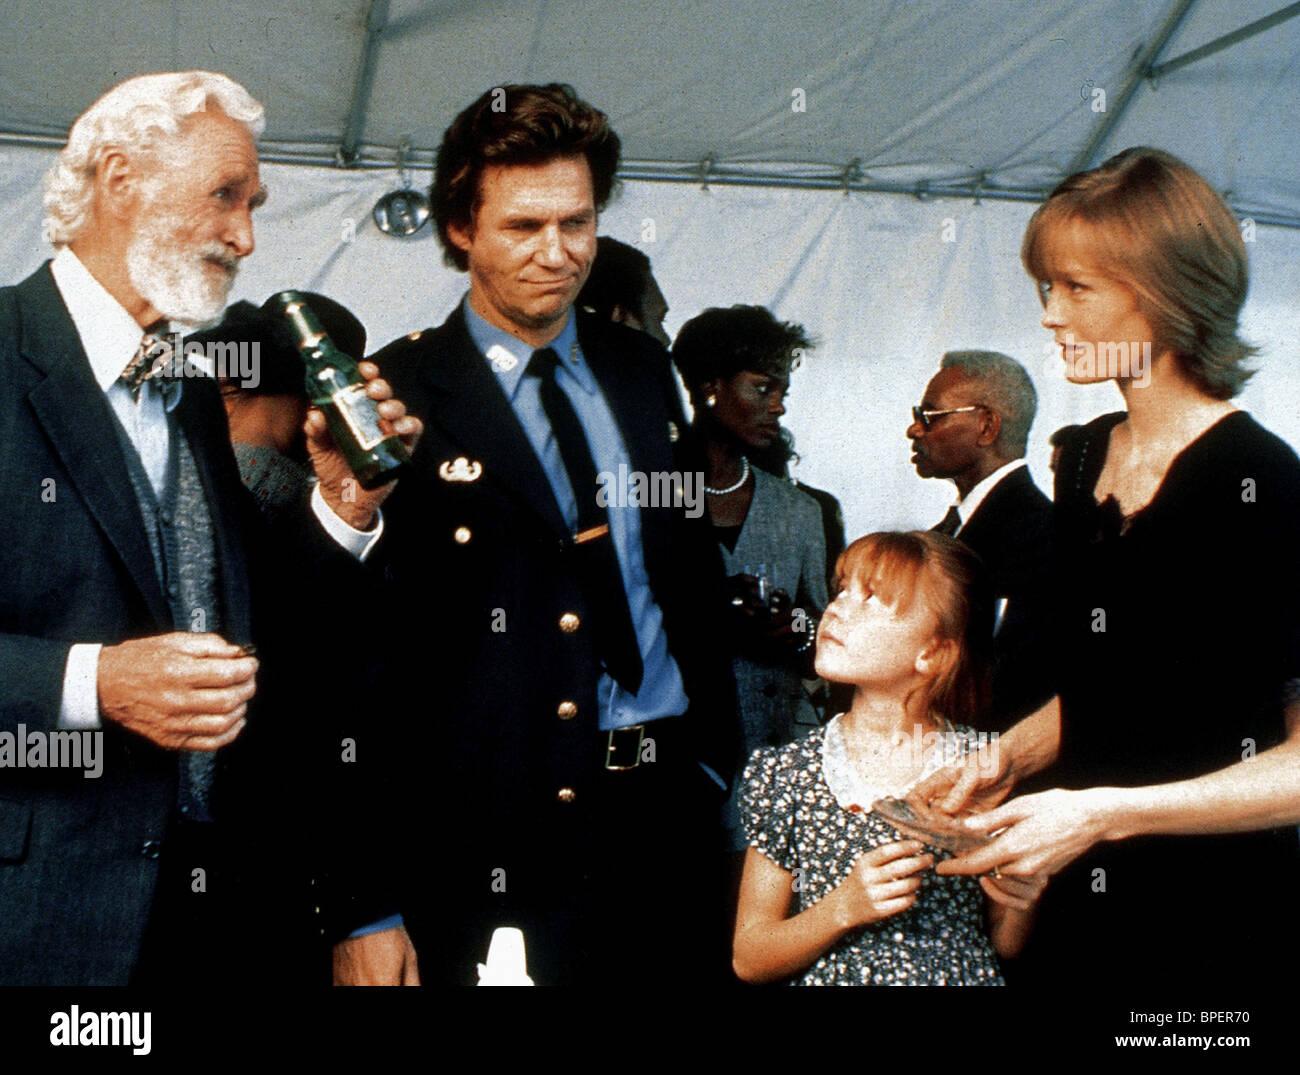 LLYOD BRIDGES JEFF BRIDGES & SUZY AMIS BLOWN AWAY (1994) Stock Photo